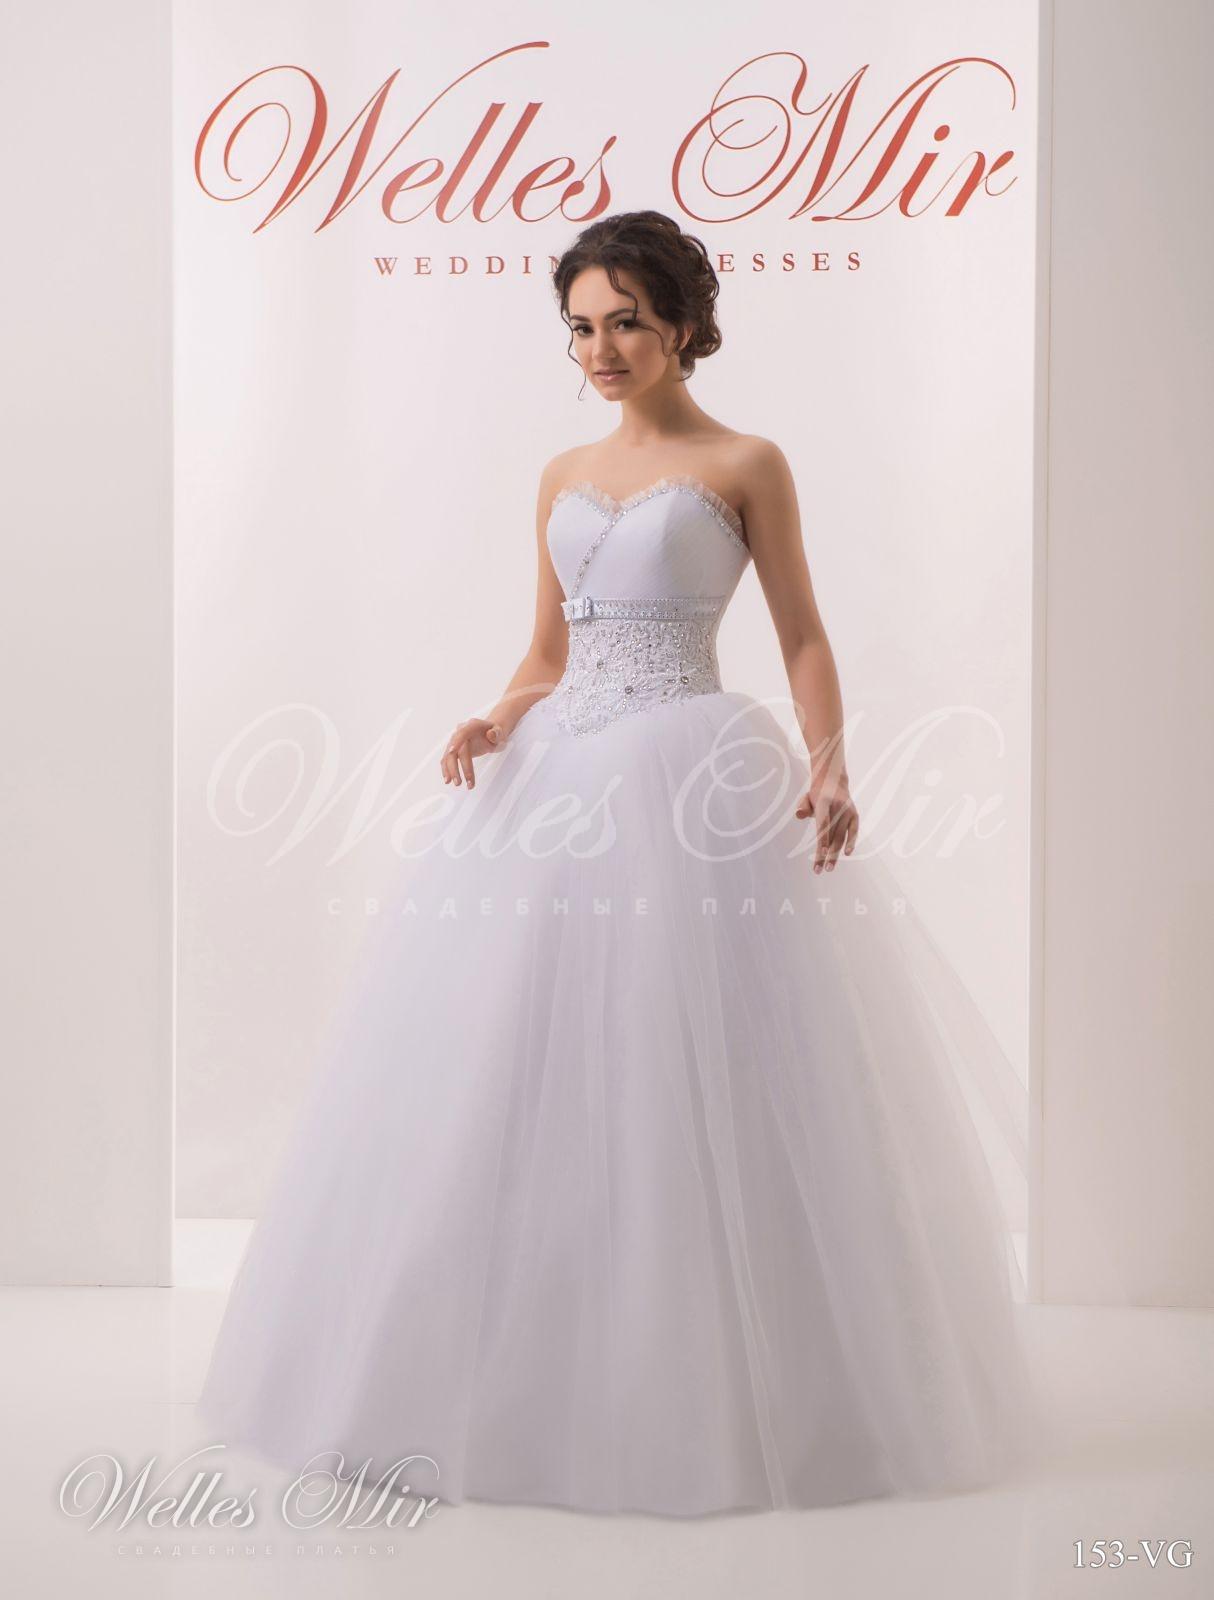 Свадебные платья Soft collection - 153-VG